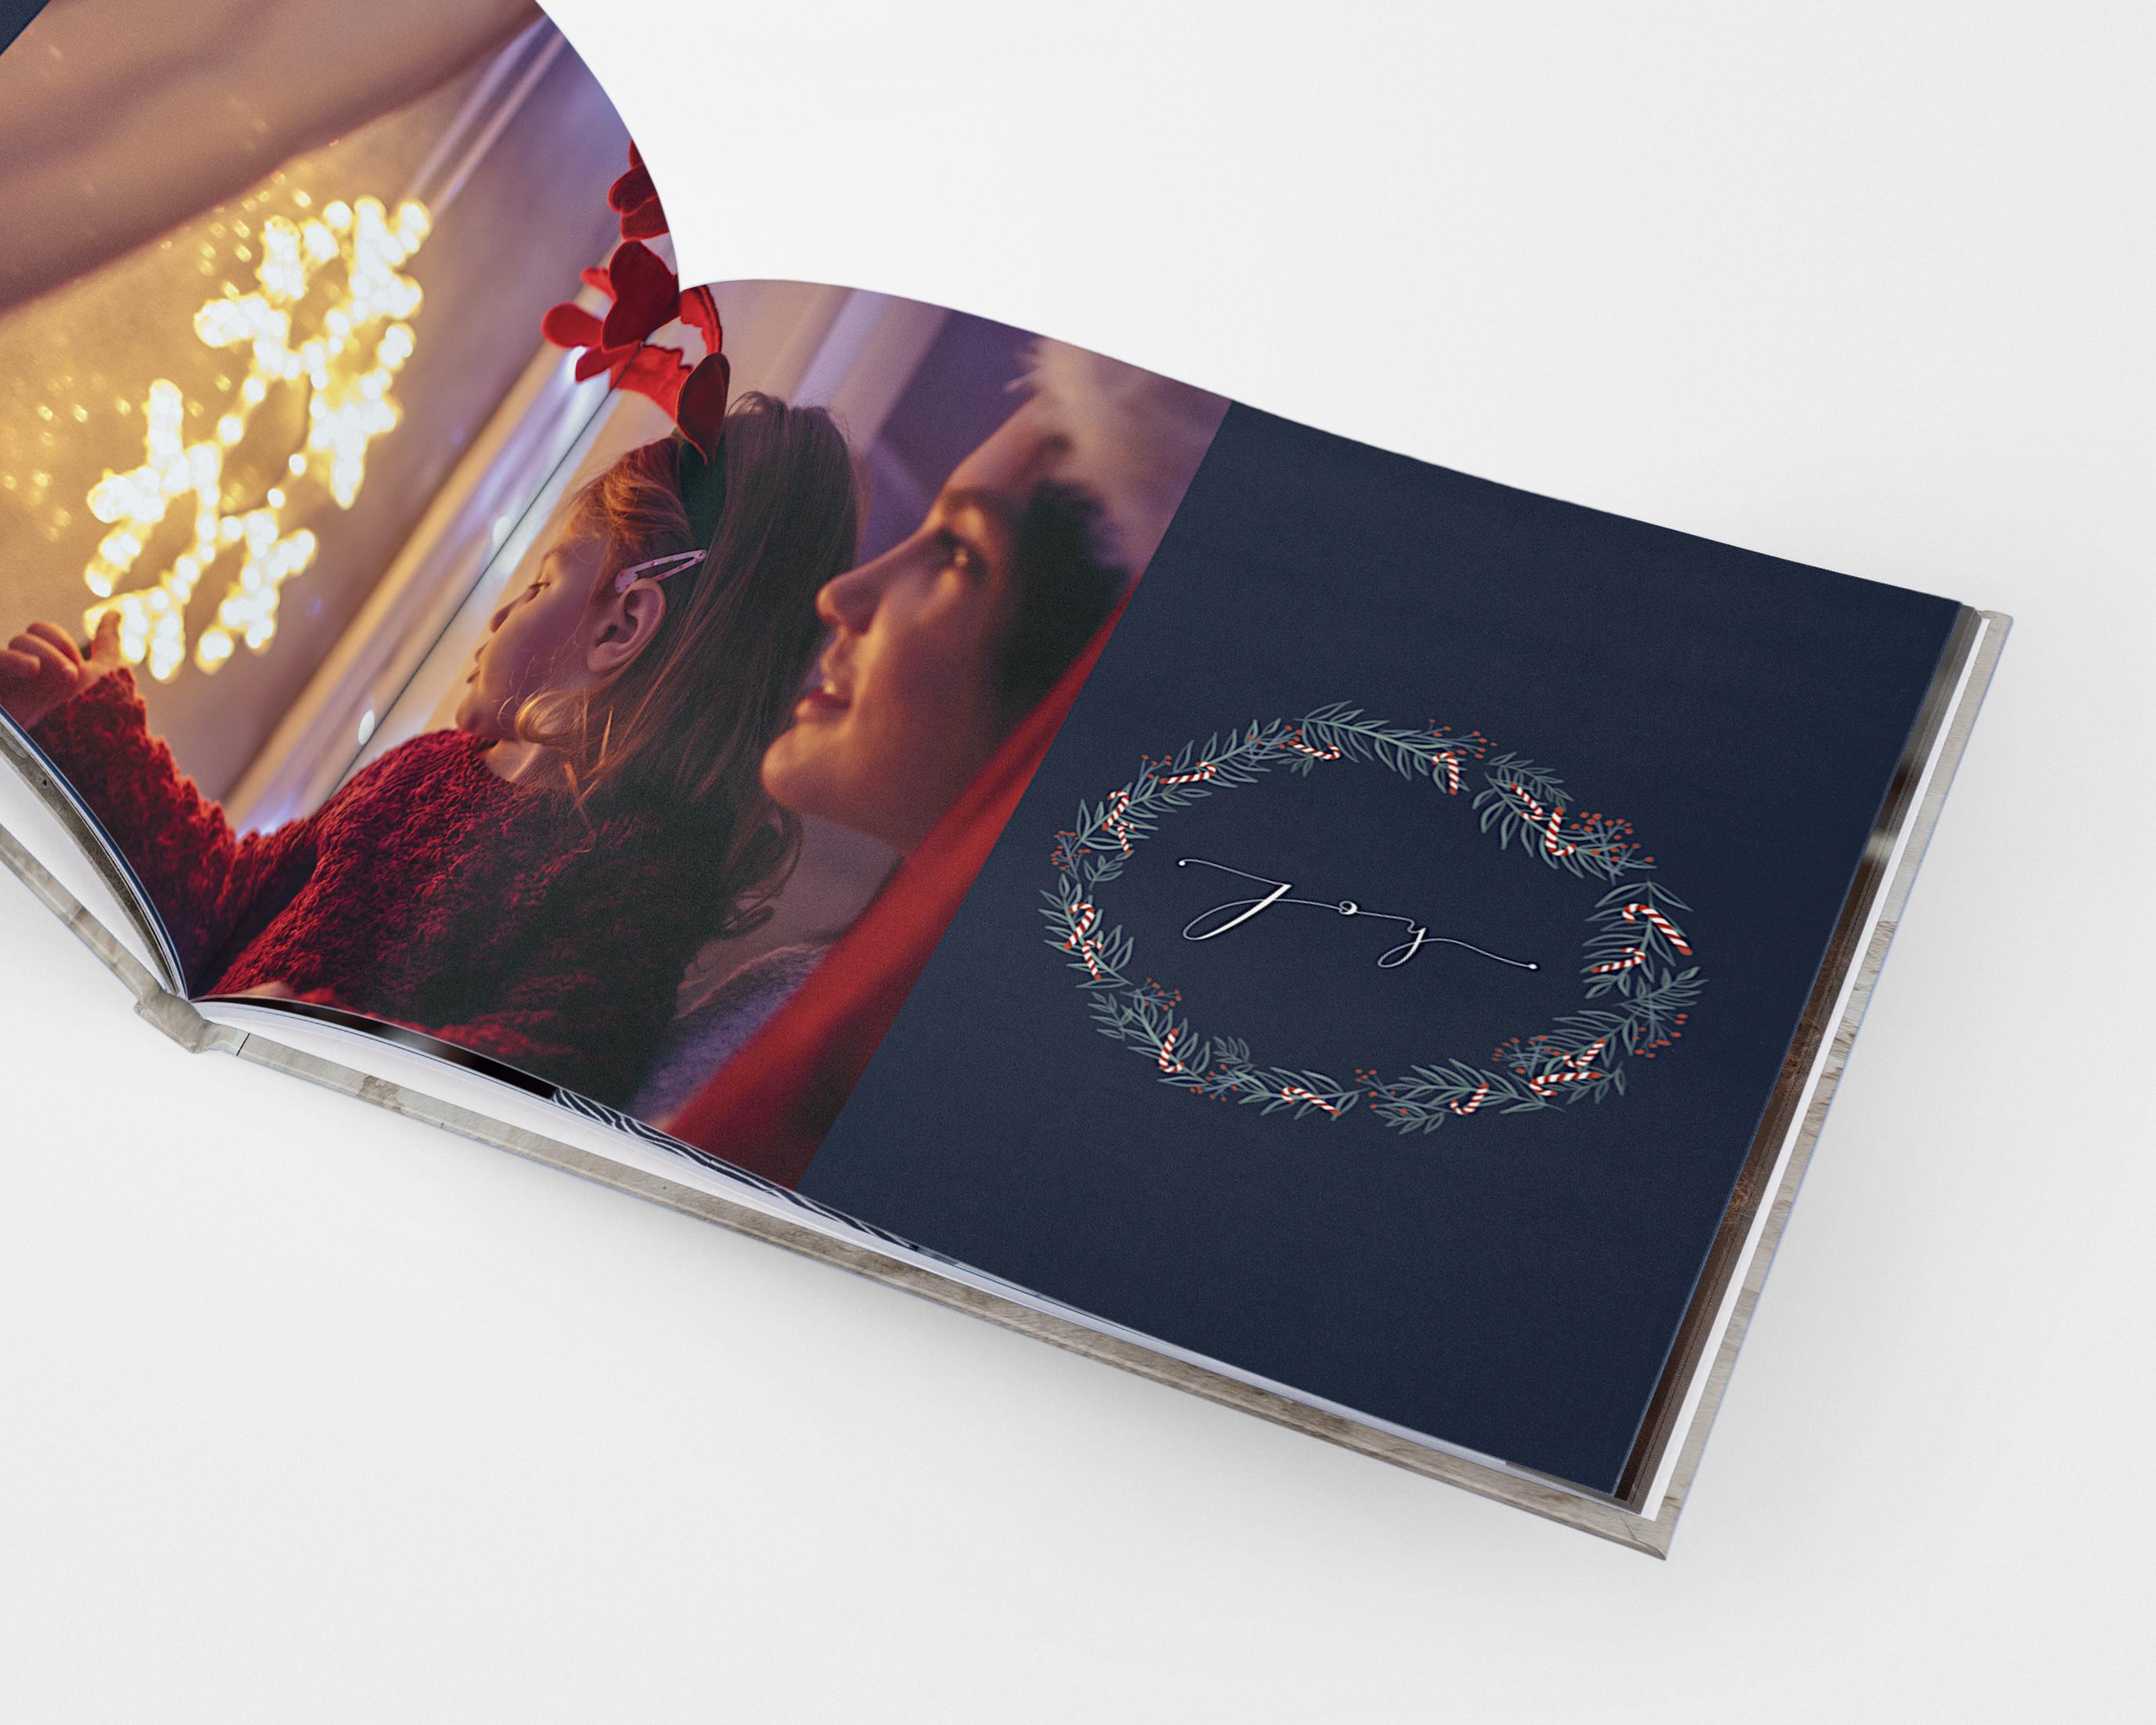 Een fotoboek met feestelijke (kerst)illustraties en een foto van een moeder en dochter die naar kerstlichtjes kijken